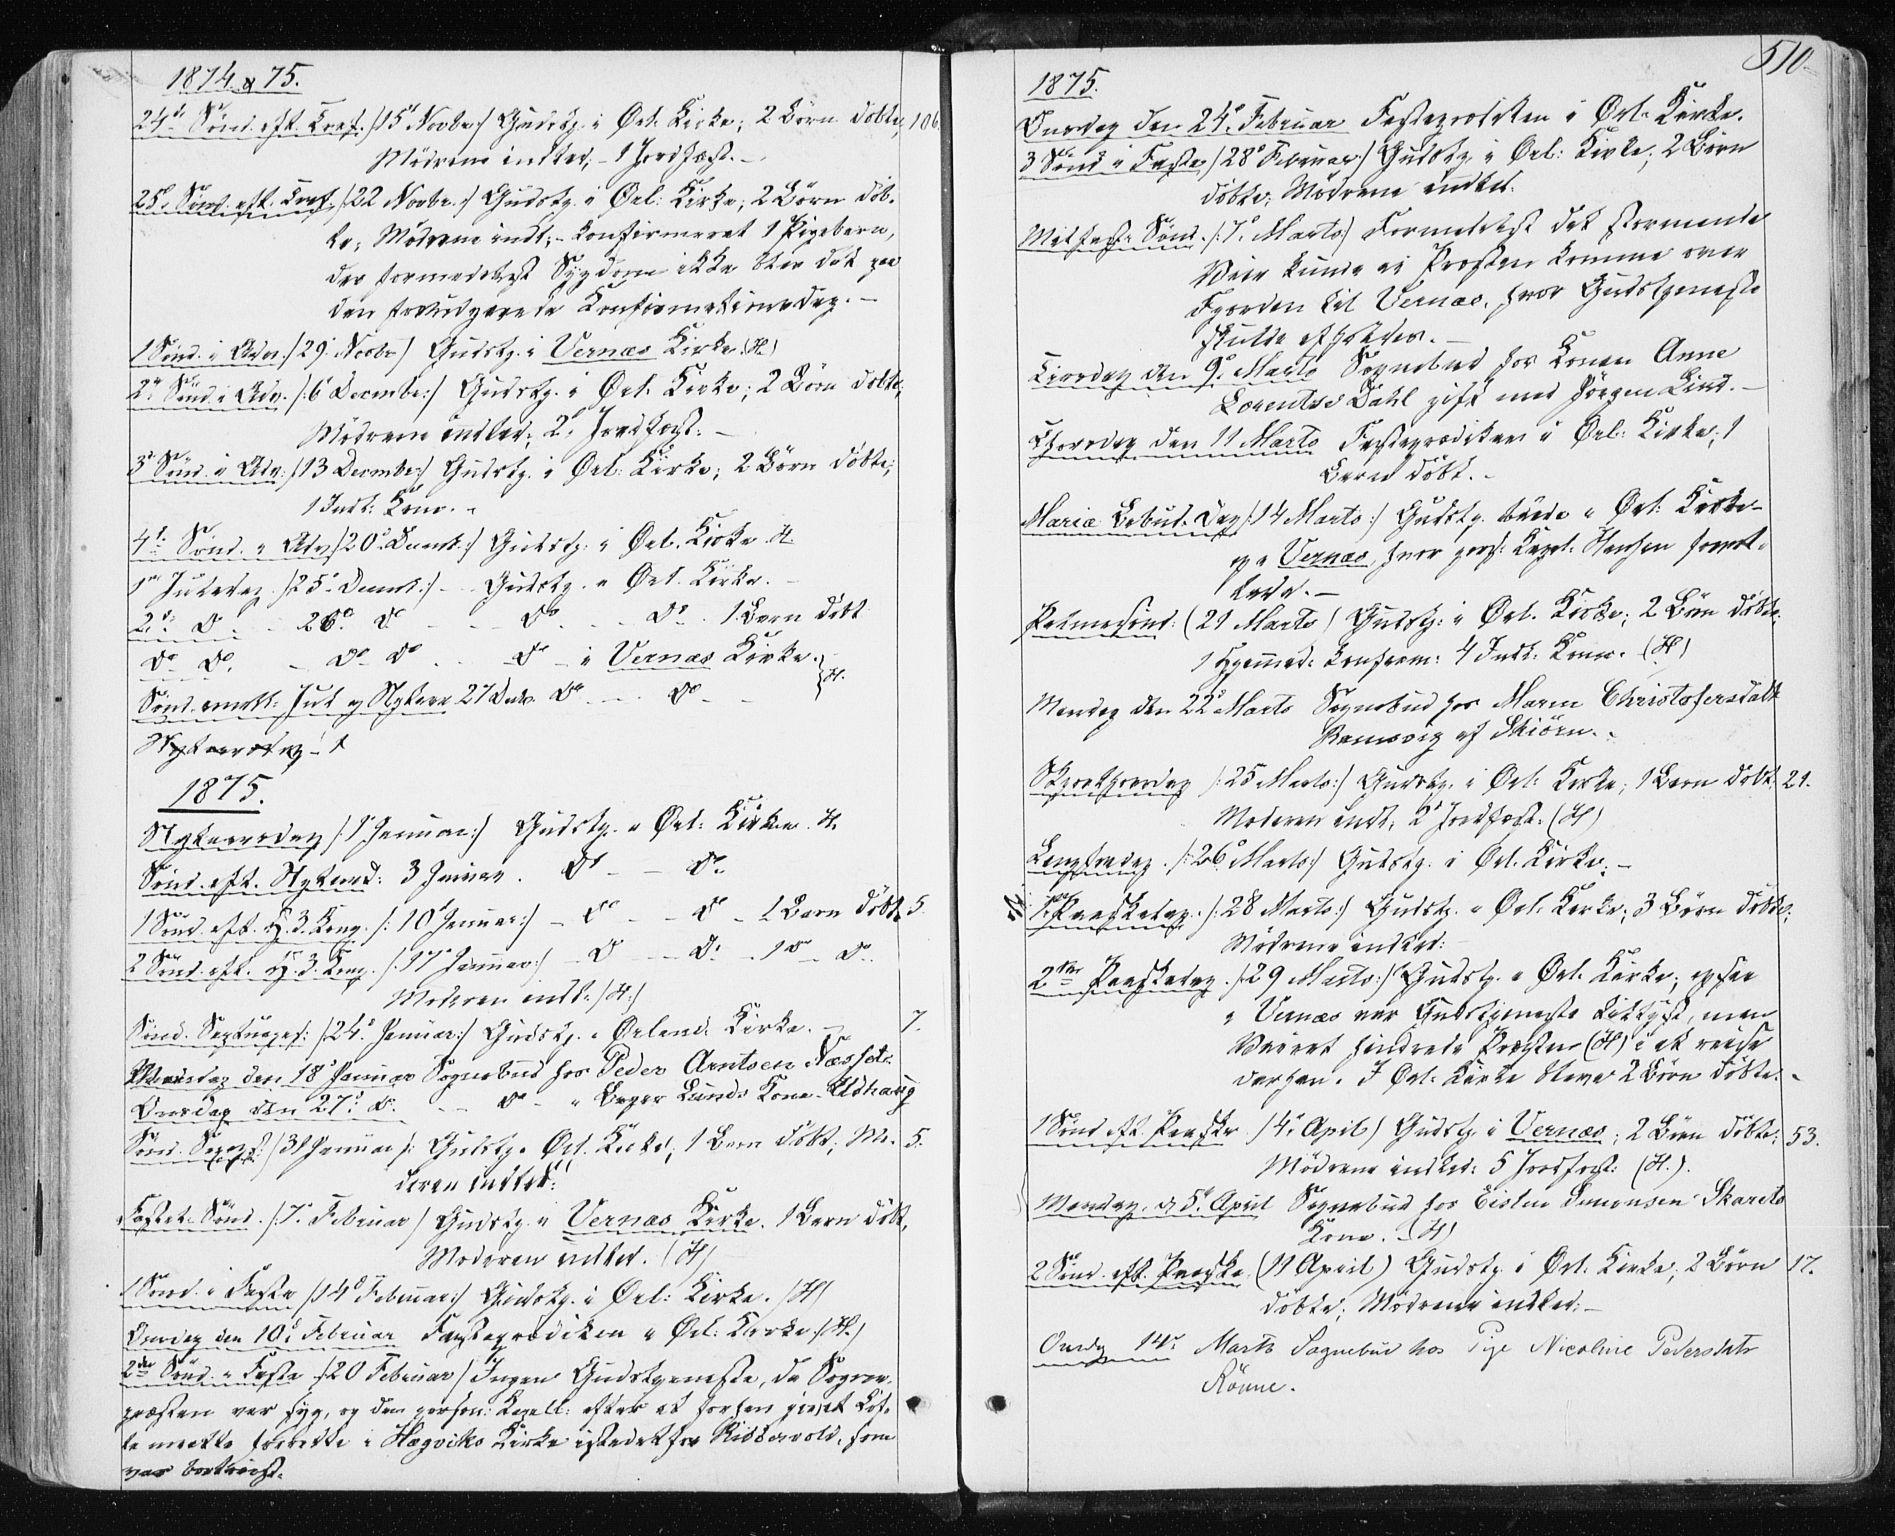 SAT, Ministerialprotokoller, klokkerbøker og fødselsregistre - Sør-Trøndelag, 659/L0737: Ministerialbok nr. 659A07, 1857-1875, s. 510